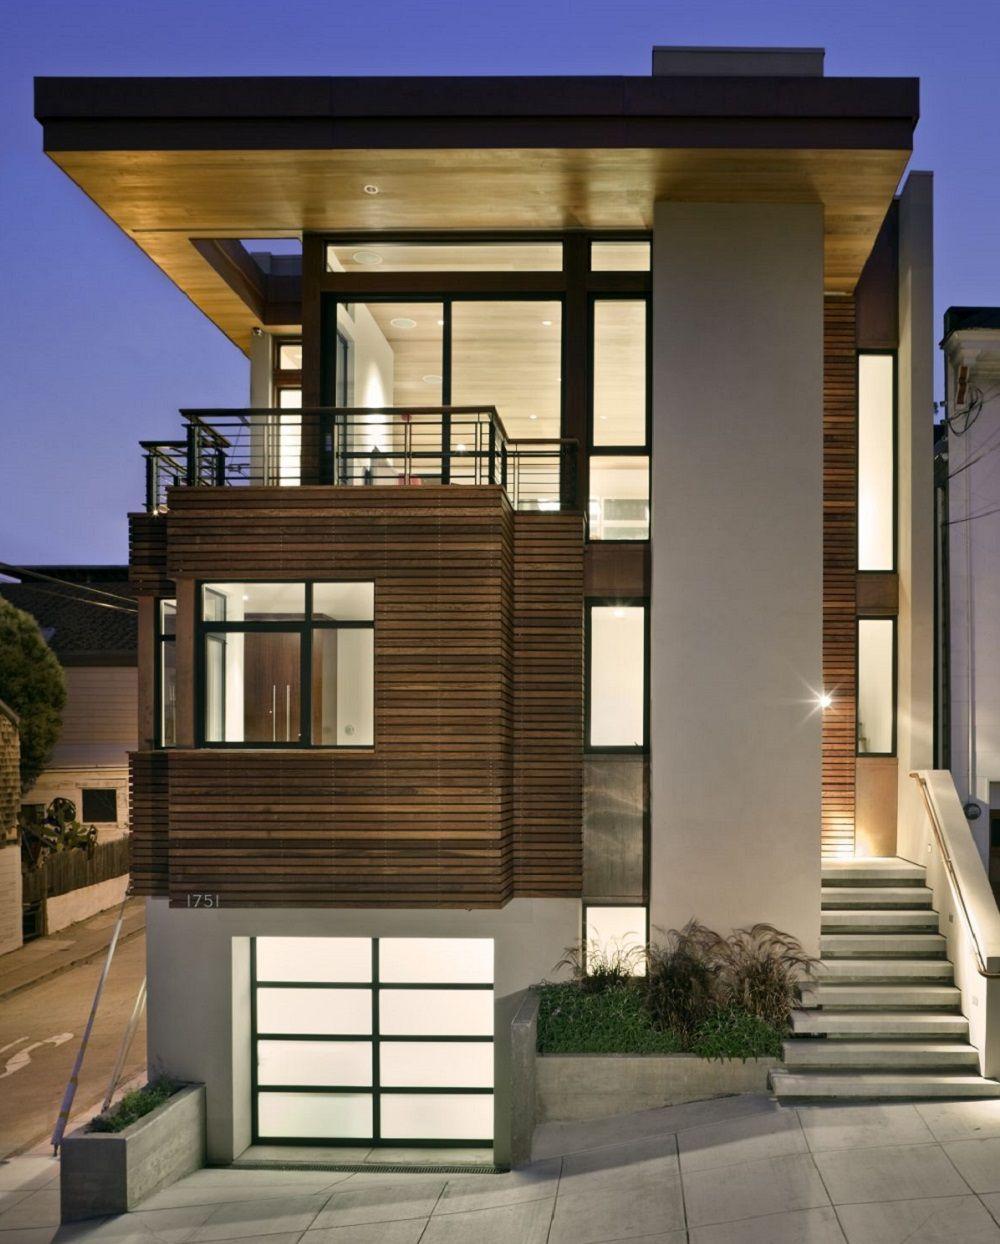 Amazing Minimalist House Exterior Design: Amazing Home Exterior Design Ideas